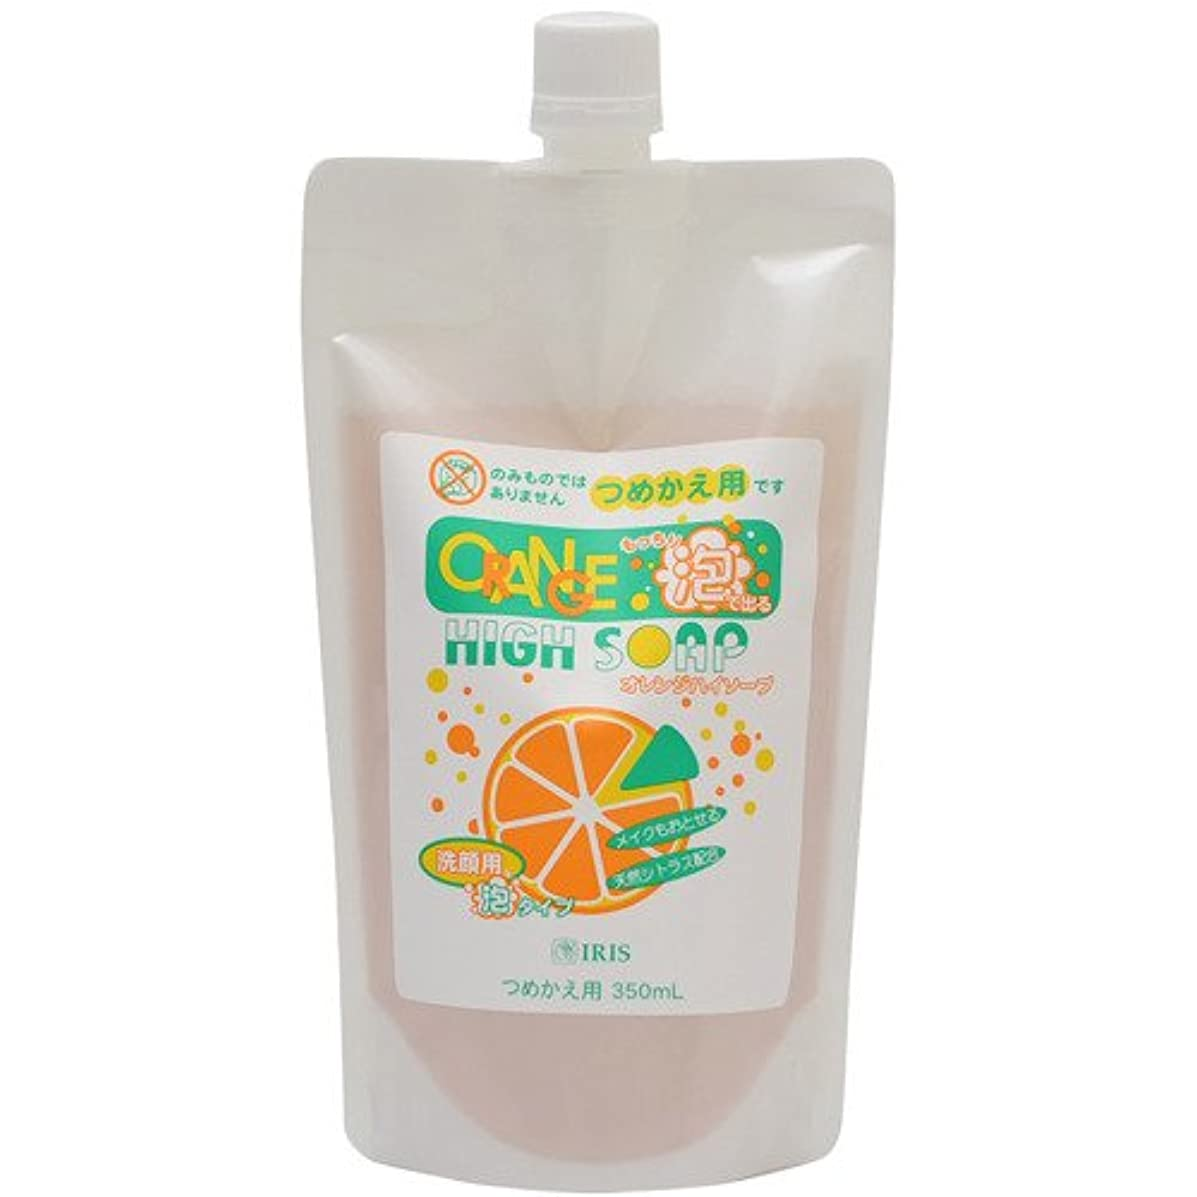 感心する発言する引くオレンジハイソープ 洗顔用 泡タイプ ポンプ式 詰替用 350ml